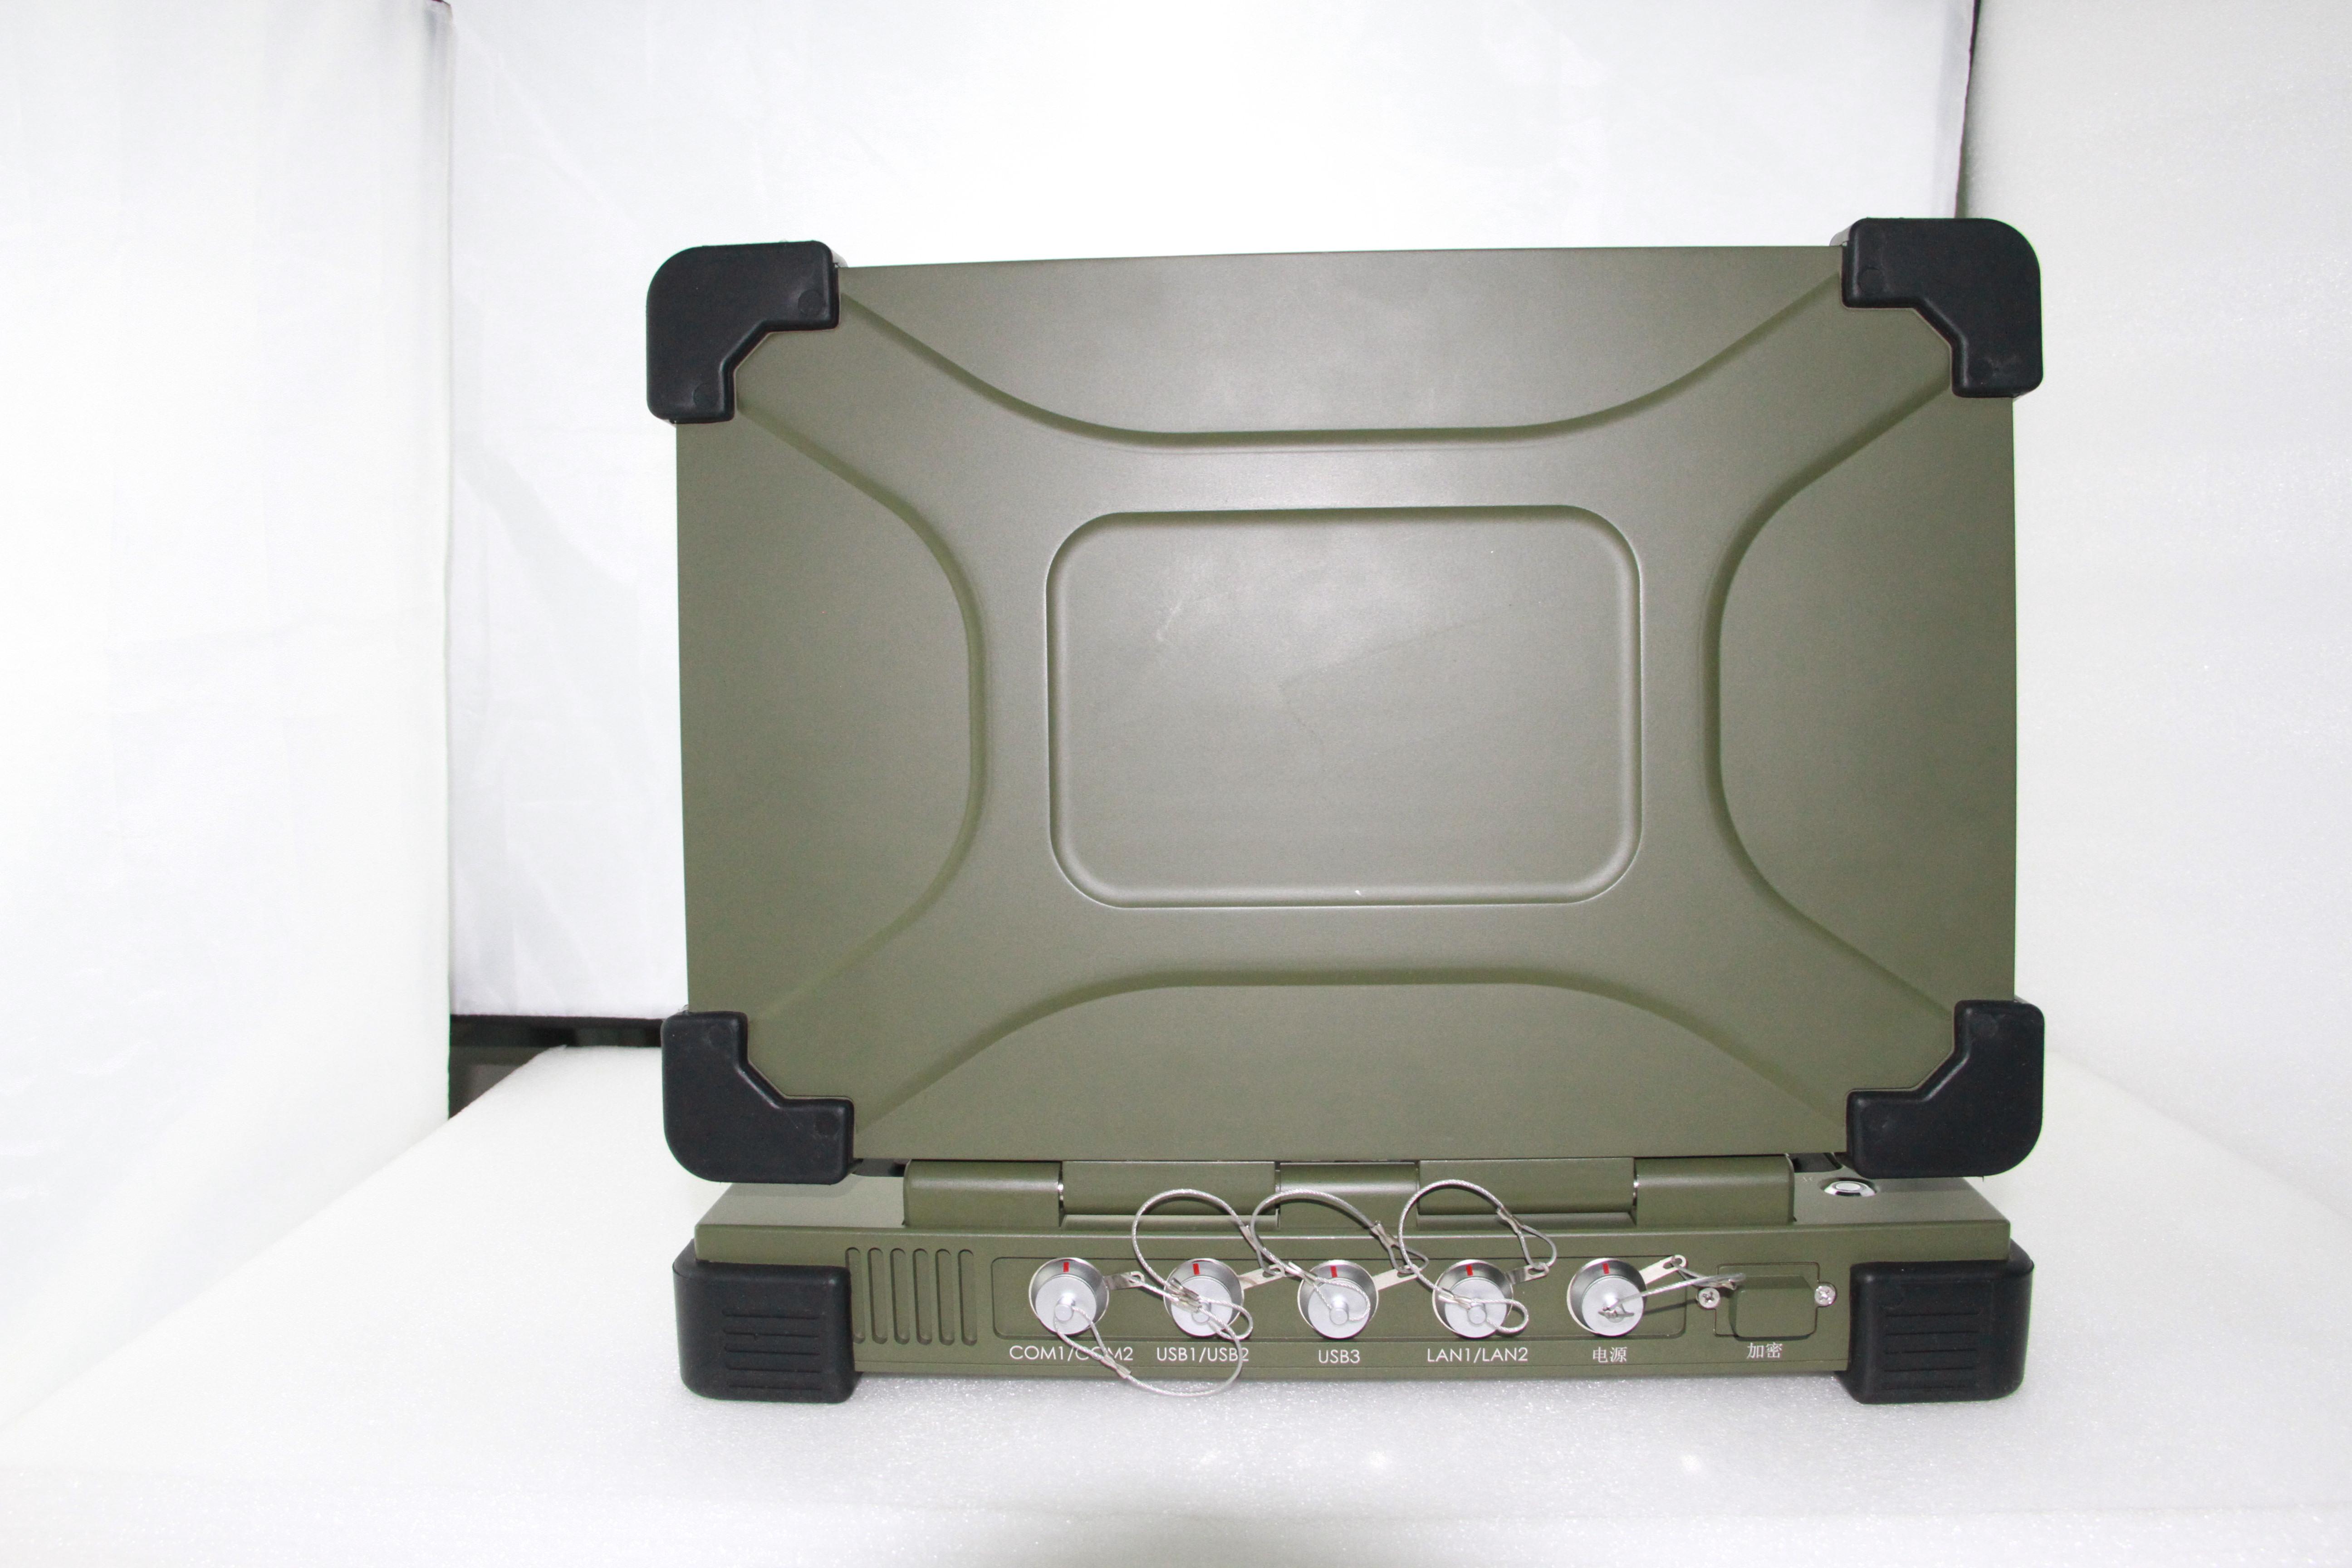 供应朗固ZY-BX-140G-K-V6全加固镁合金笔记本